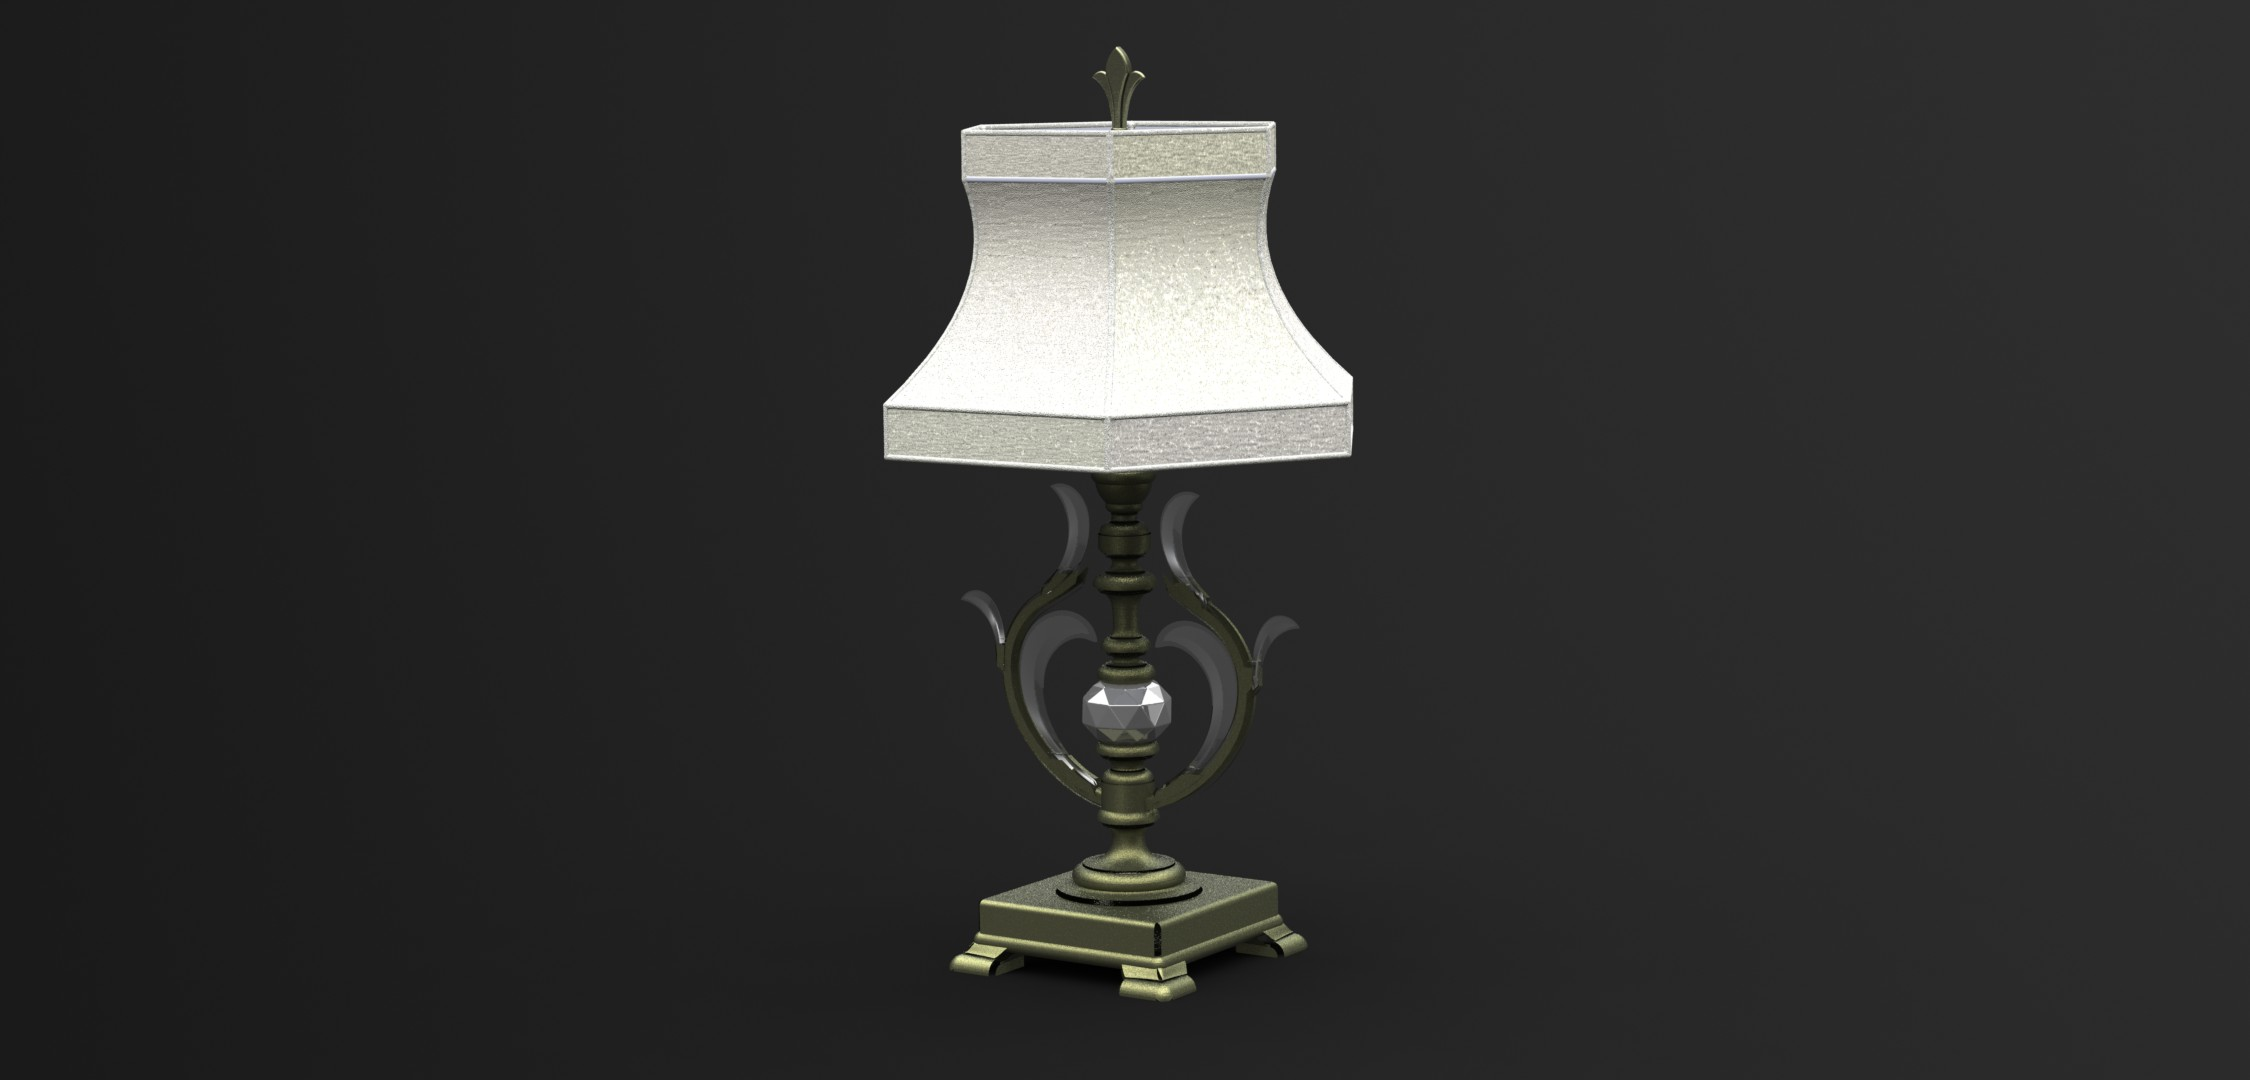 Создание детализированной 3д модели светильника с последующим рендерингом